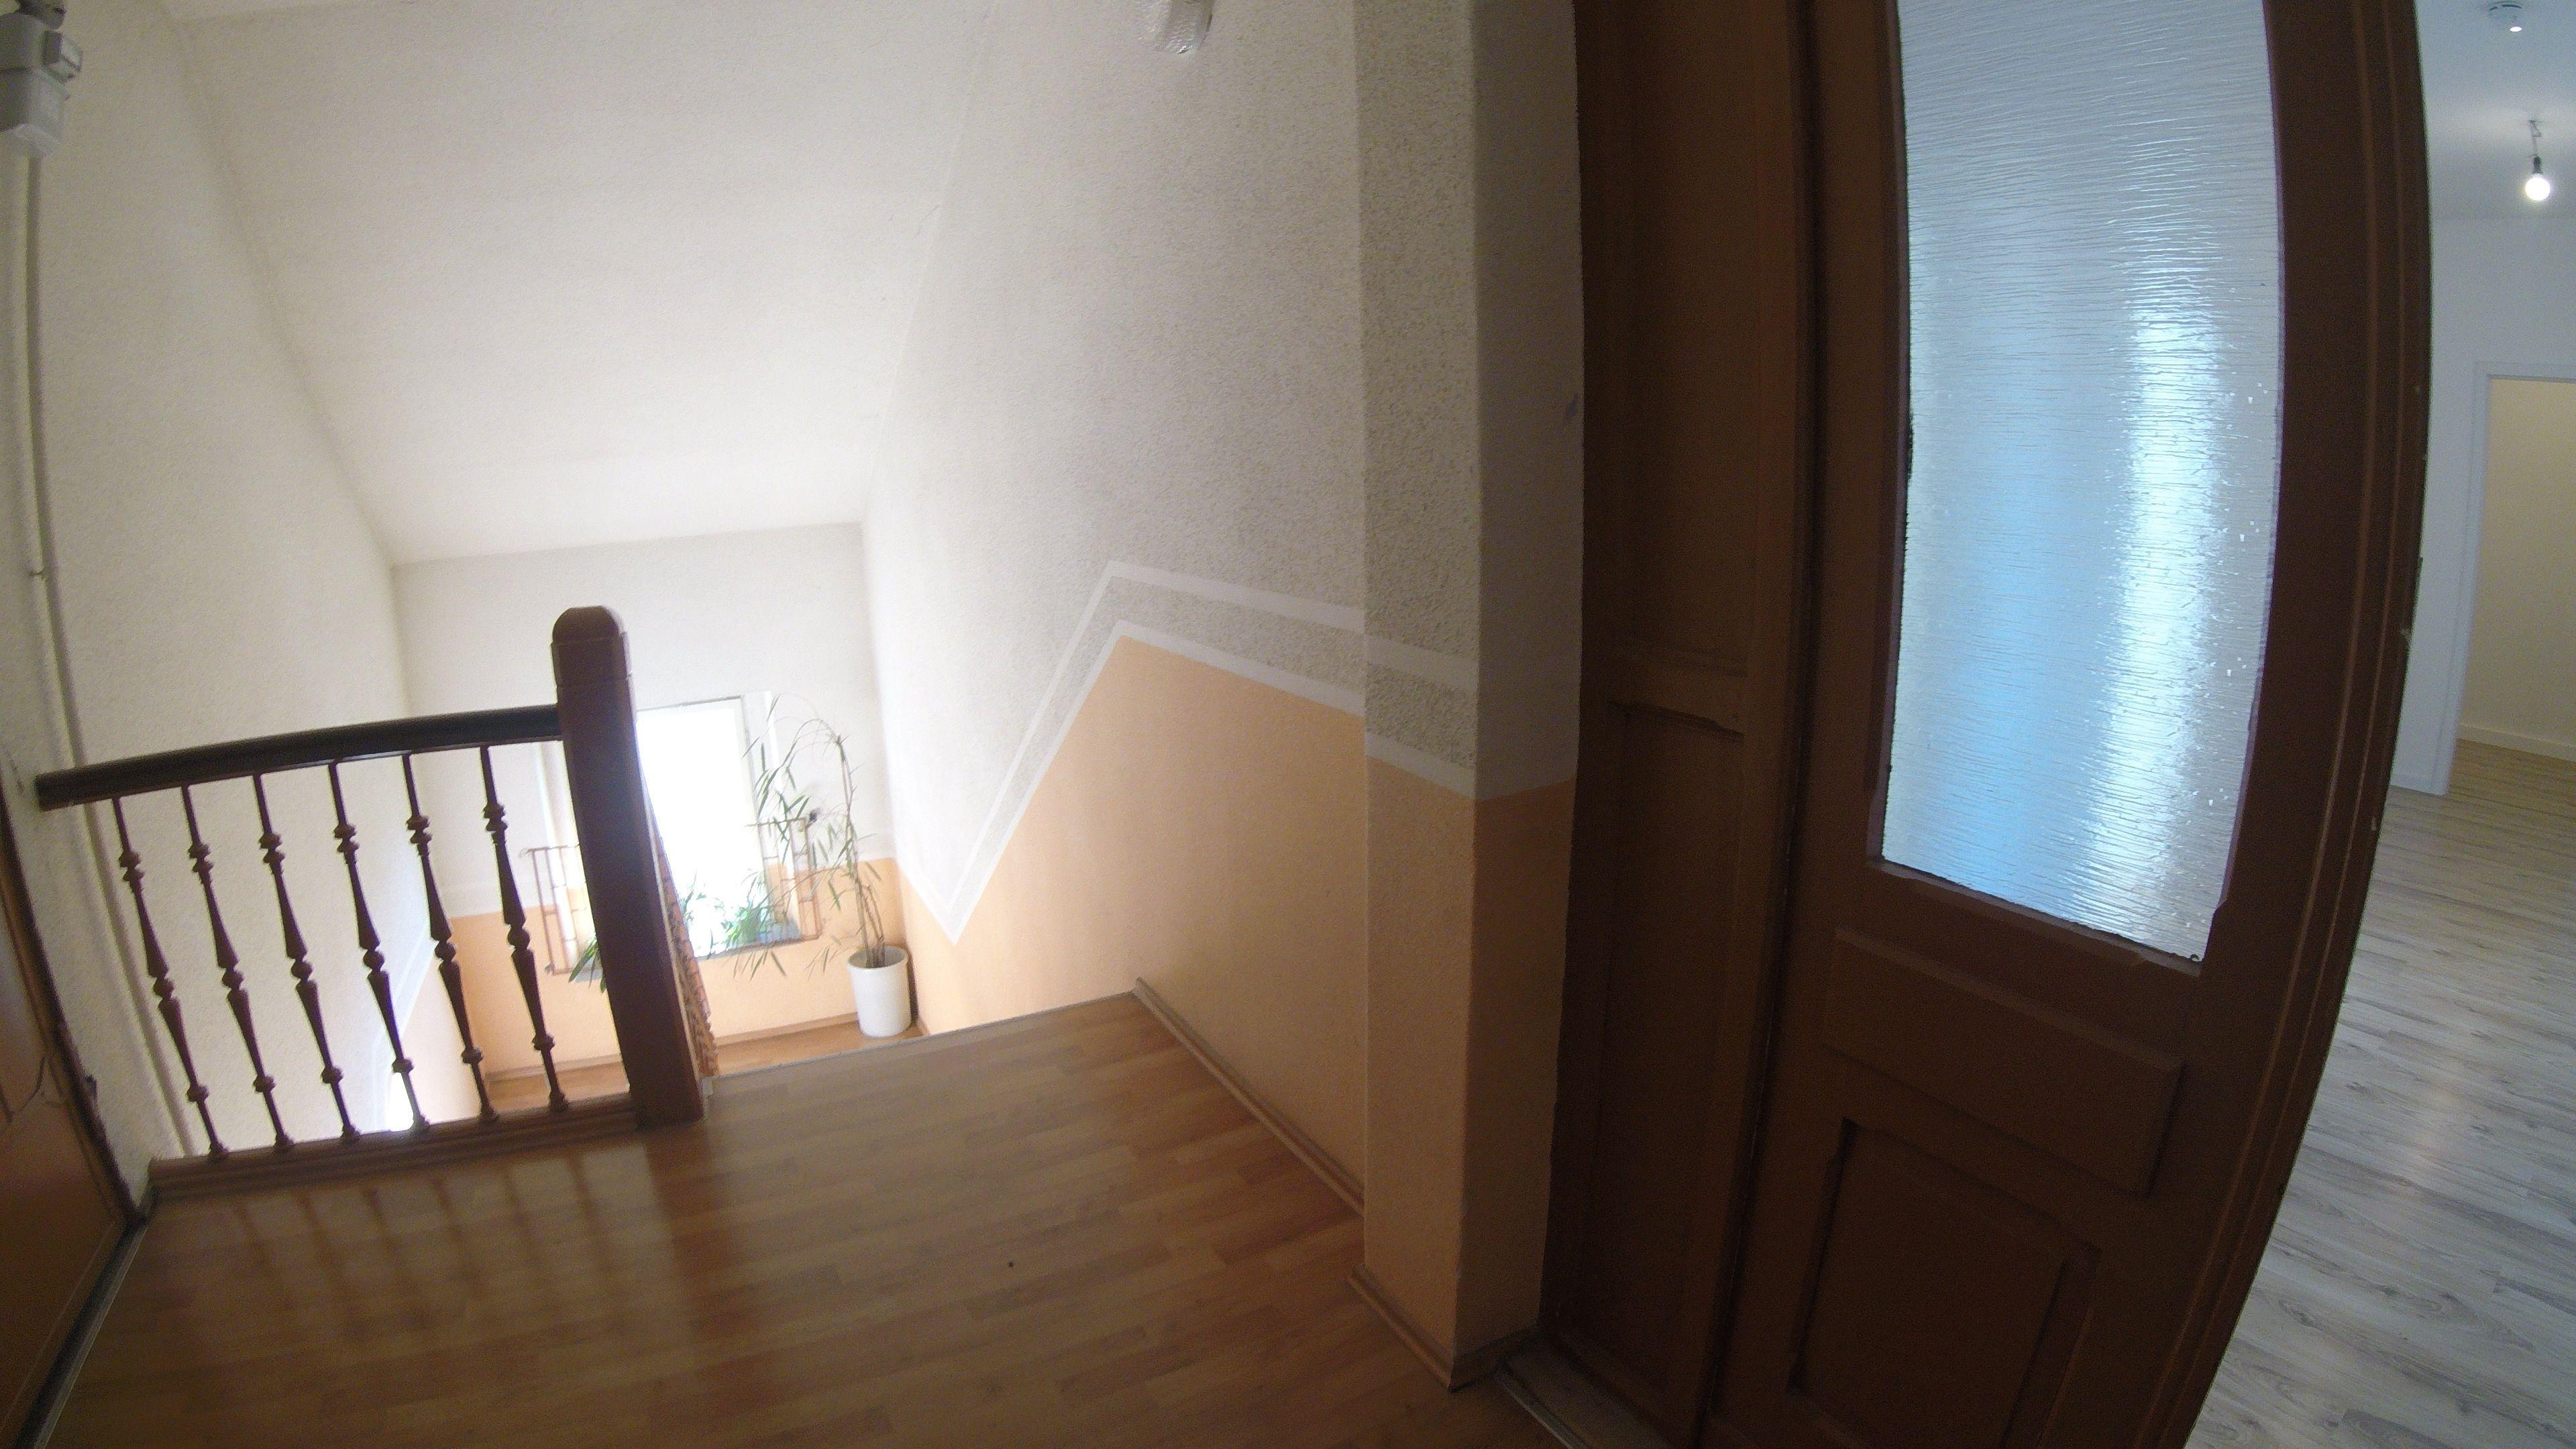 Treppe Gefliest Dachgeschoss Mietwohnung 3 Zimmer Mit Wannenbad Und Fenster Nahe Steintor In 2020 Home Decor Home Decor